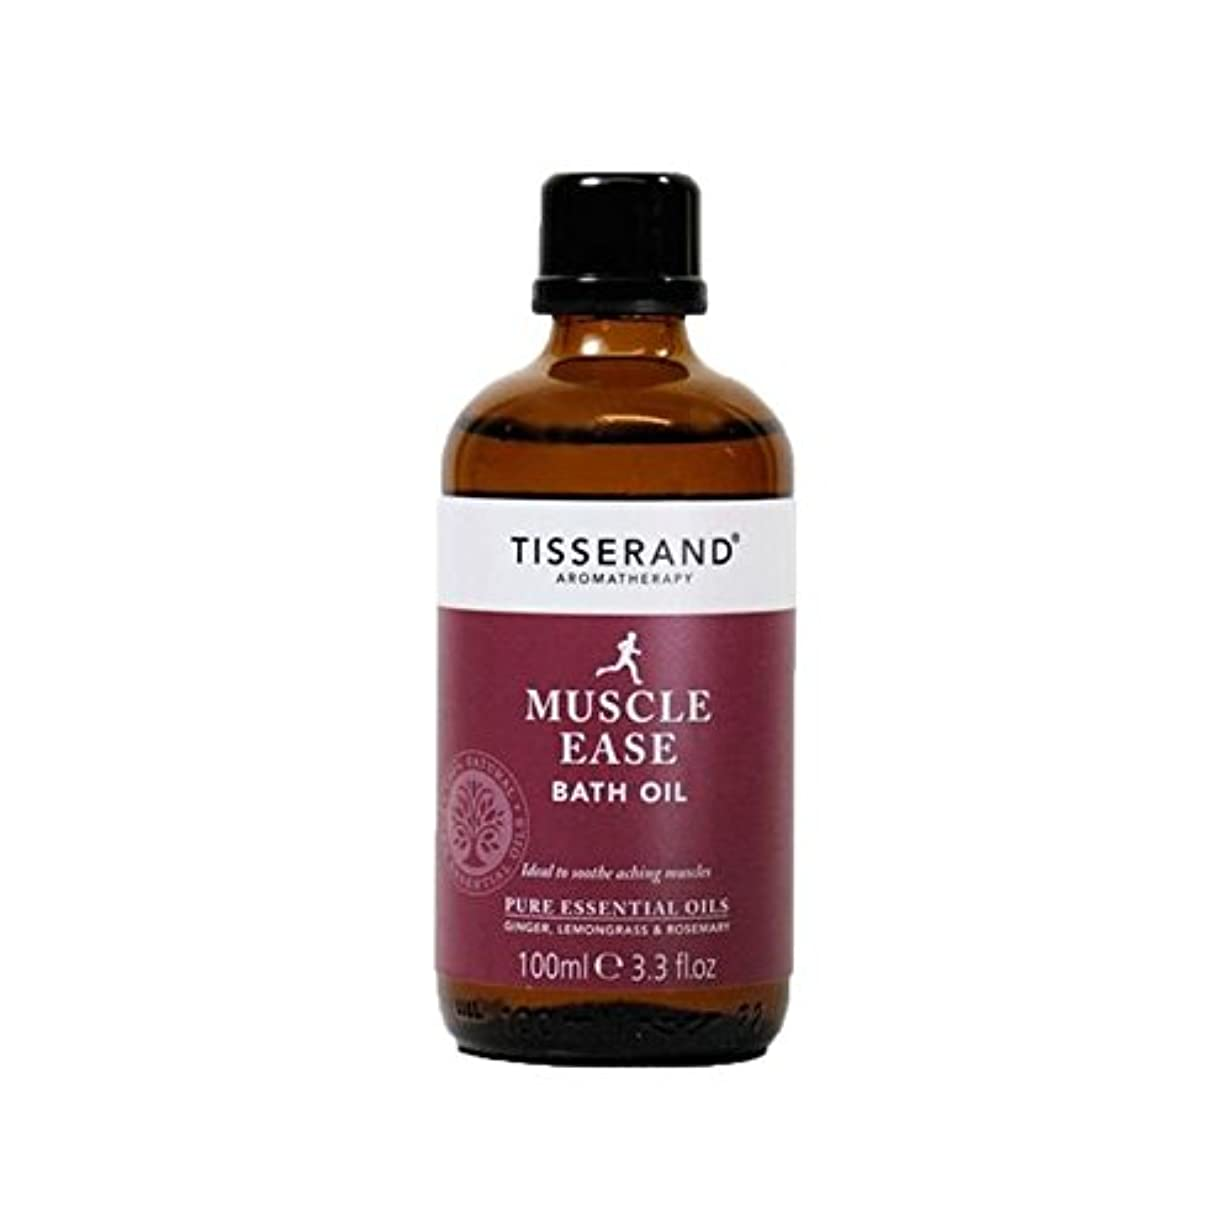 原告敬意けがをするTisserand Muscle Ease Bath Oil 100ml - ティスランド筋肉やすバスオイル100ミリリットル [並行輸入品]